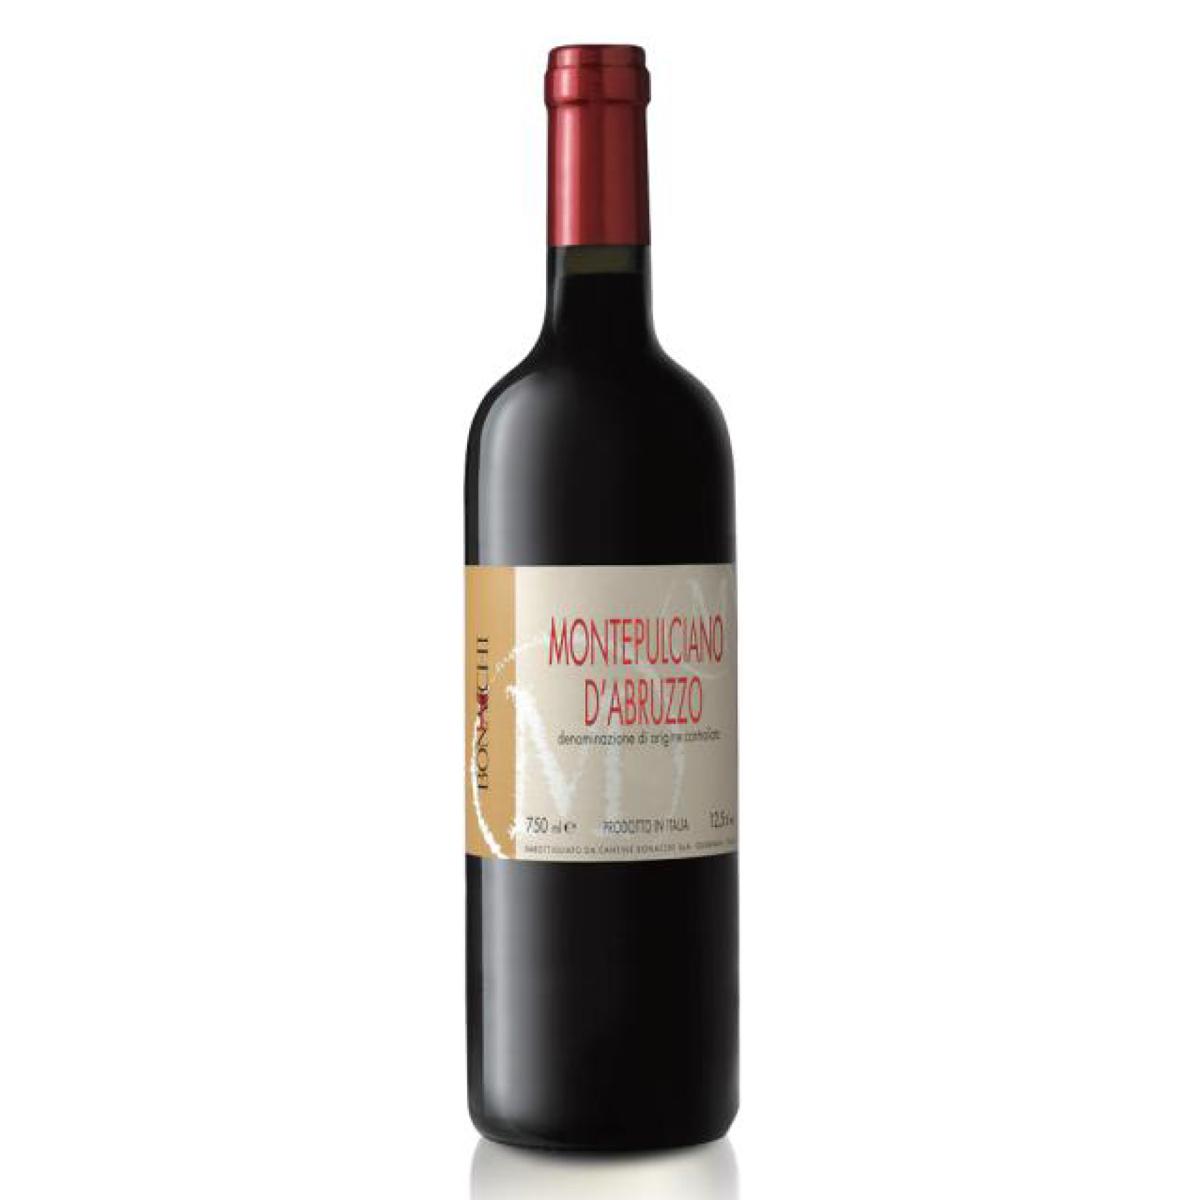 蒙特普恰诺·阿布鲁佐干红葡萄酒